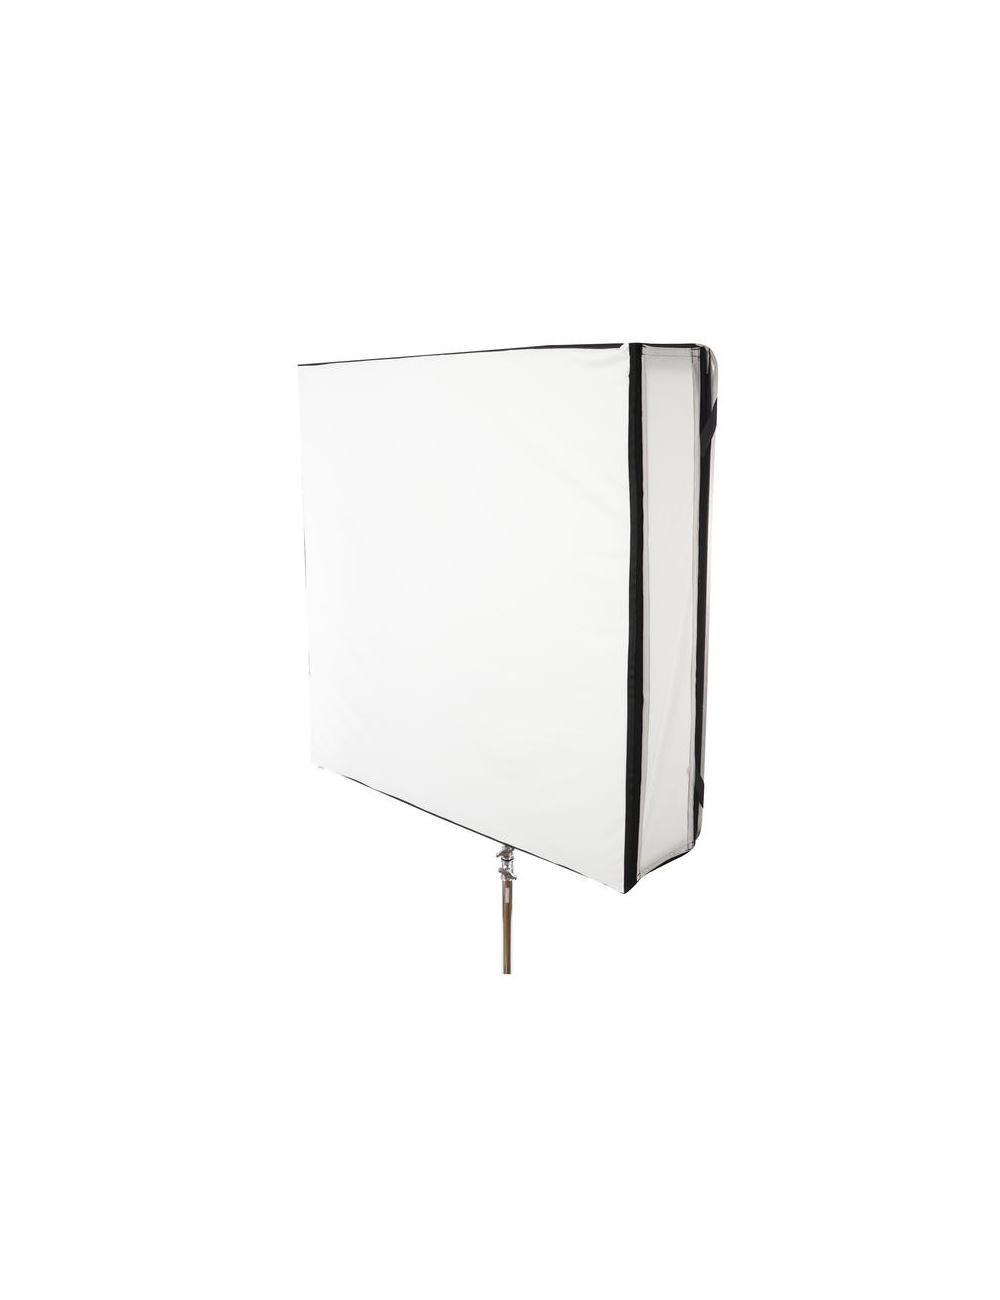 DOP Choice SNAPBOX™ 4' x 4' LED Tiles